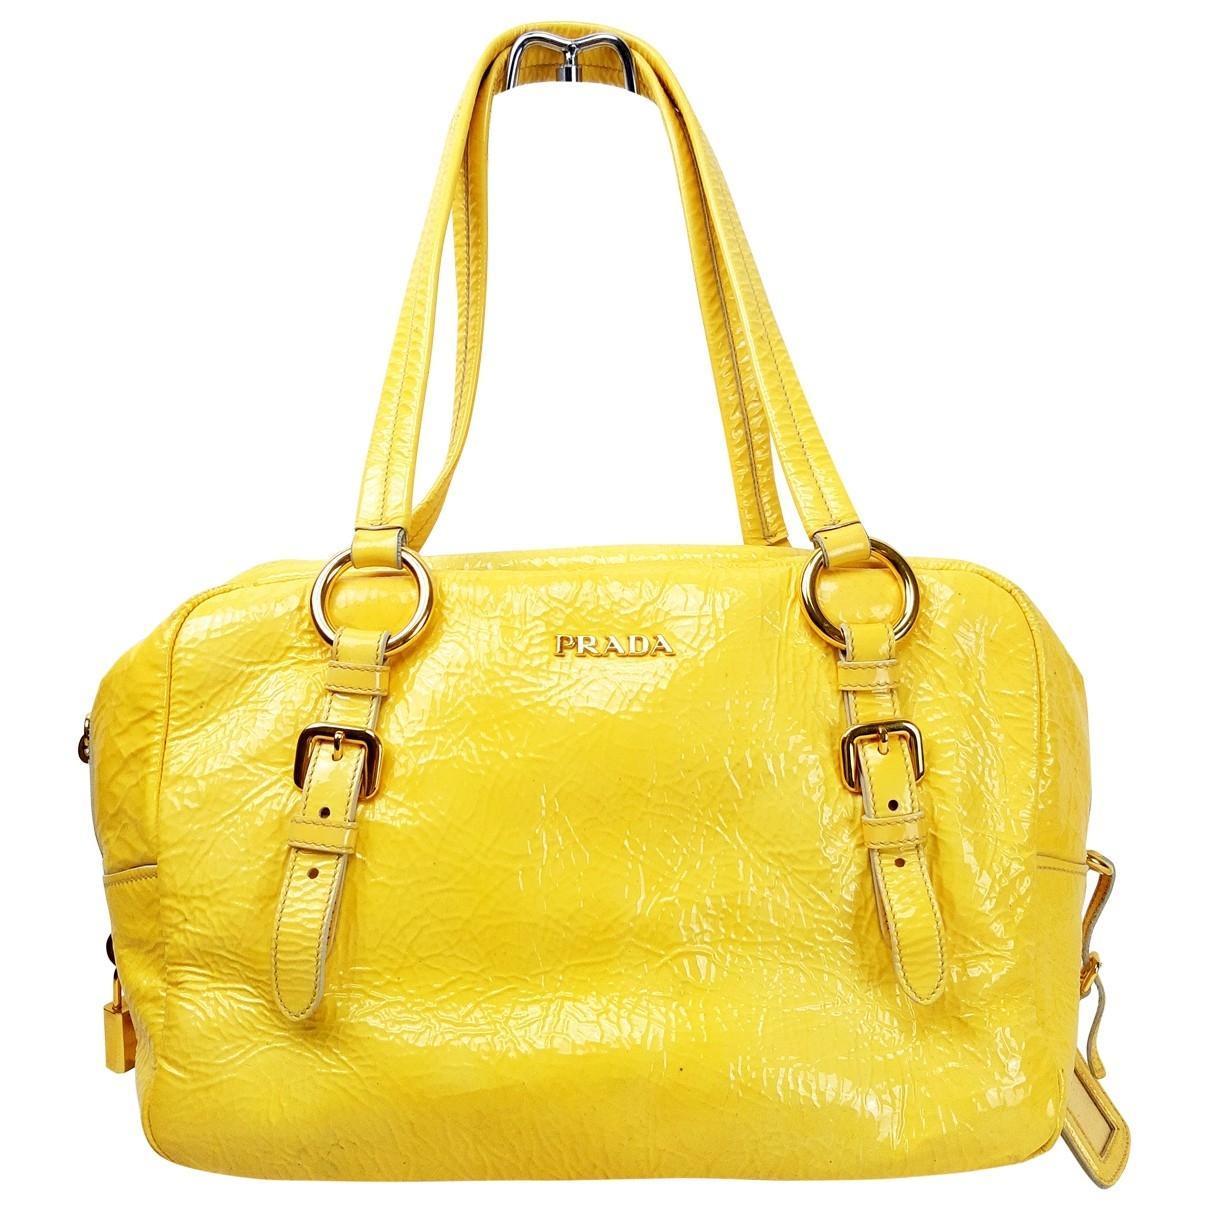 Prada - Sac a main   pour femme en cuir - jaune